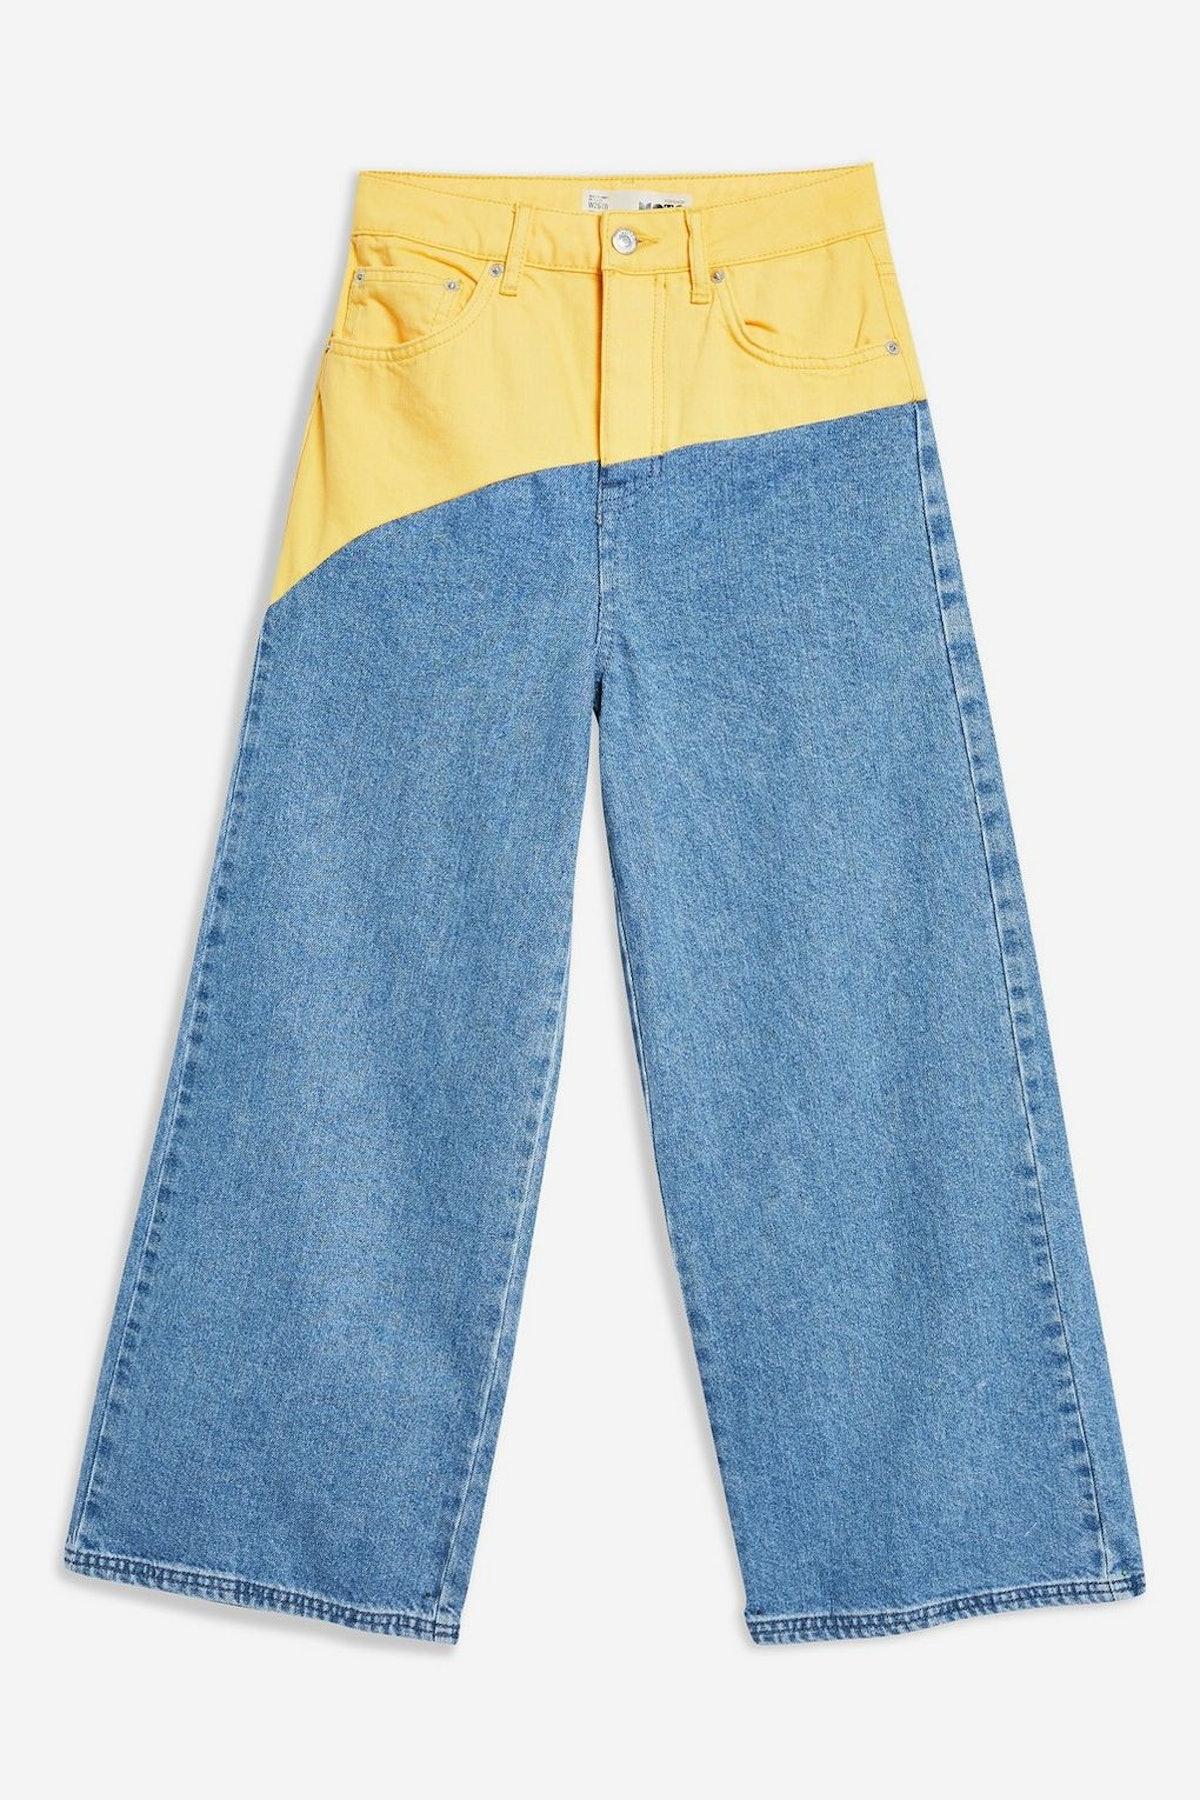 MOTO Colour Block Cropped Wide Leg Jeans